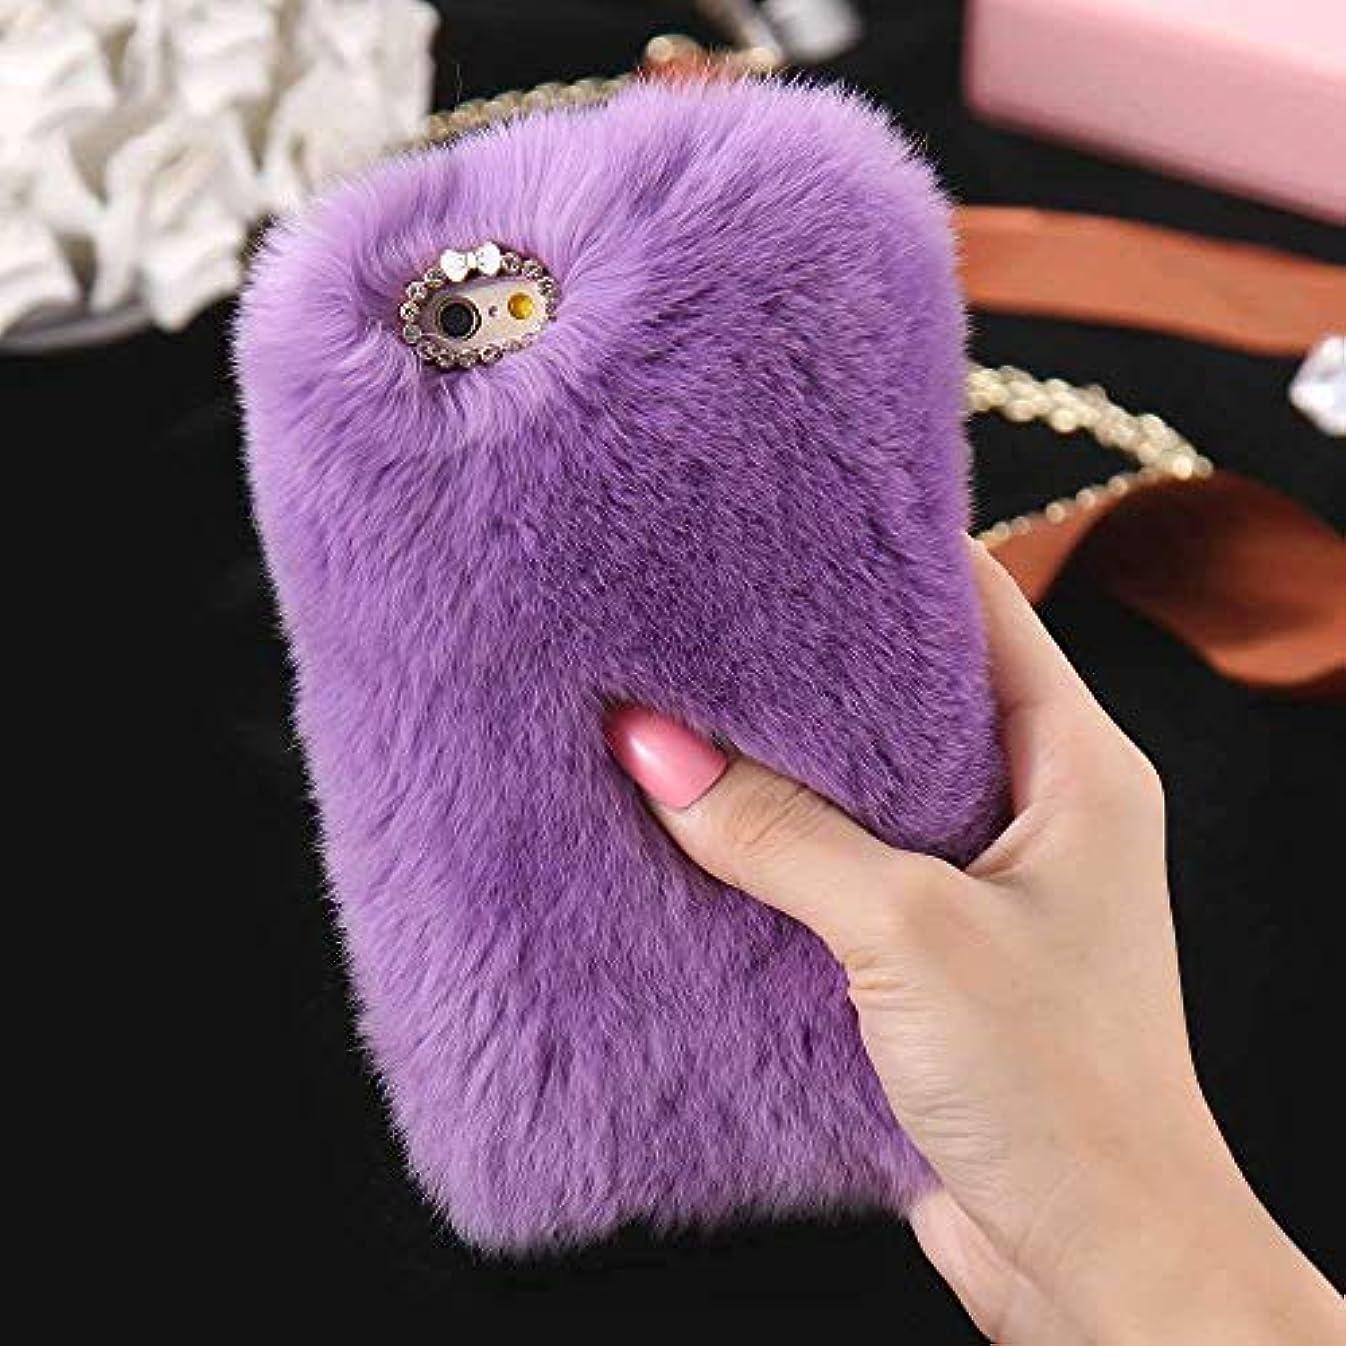 iPhone 7 ケース おしゃれ INorton 保護カバー 耐衝撃 軽量 薄型 女の子 かわいい 冬に最適 iPhone 7対応